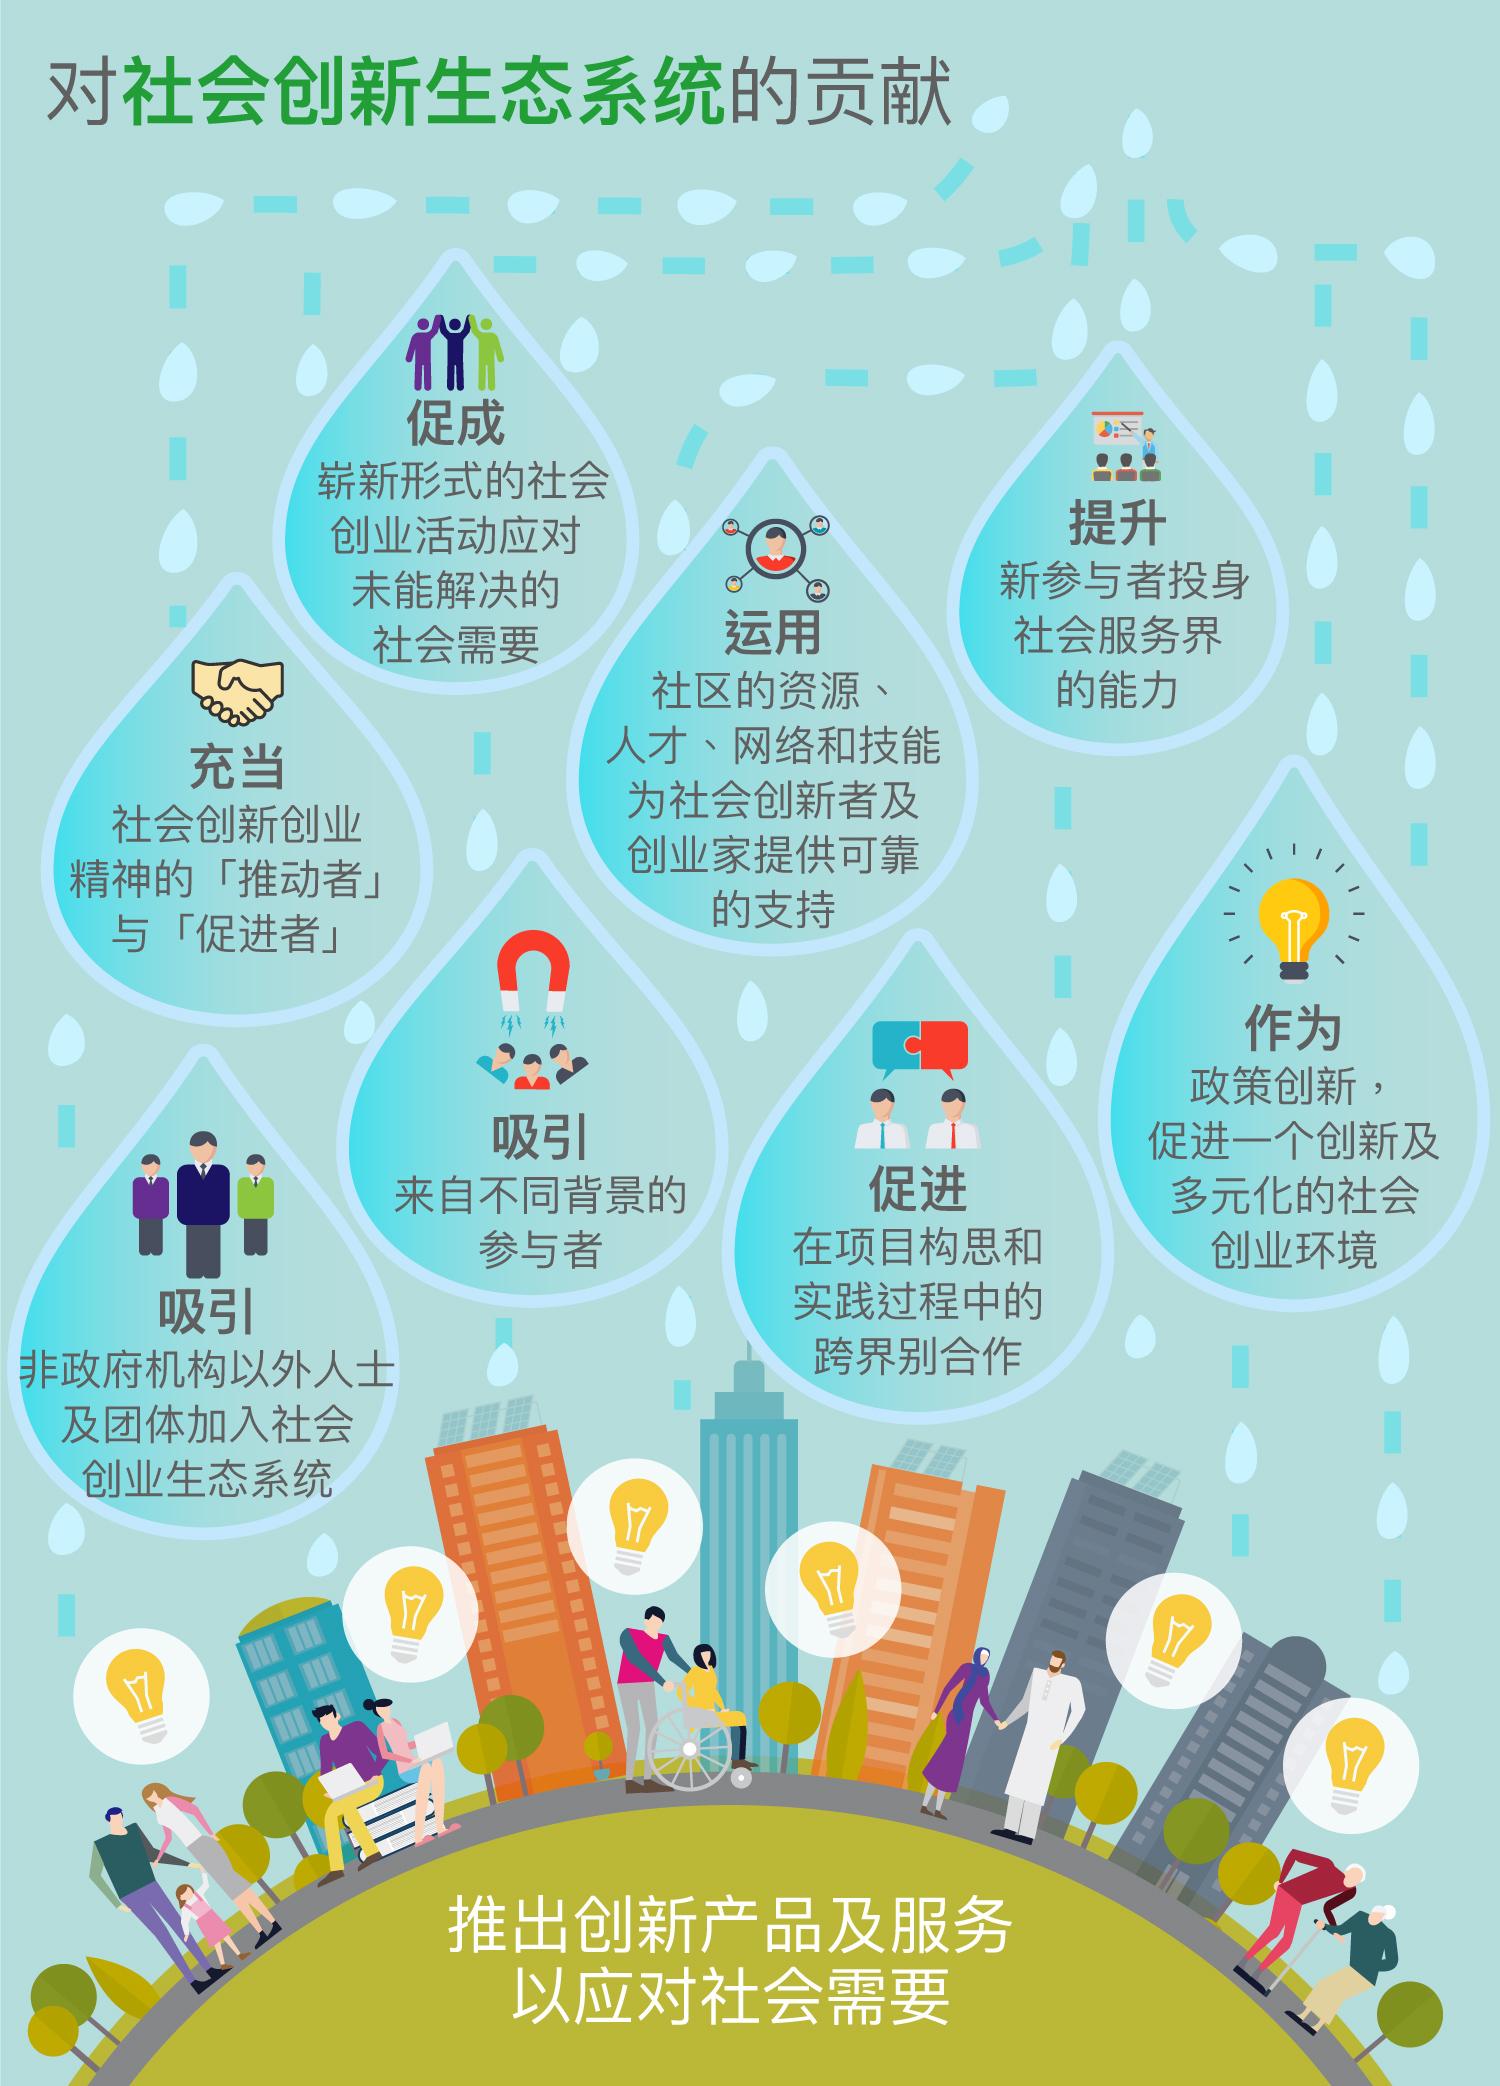 对社会创新生态系统的贡献:吸引非政府机构以外人士及团体加入社会创业生态系统;吸引来自不同背景的参与者;促进在项目构思和实践过程中的跨界别合作;促进一个更创新及多元化的社会创业环境。推出创新产品及服务以应对社会需要。